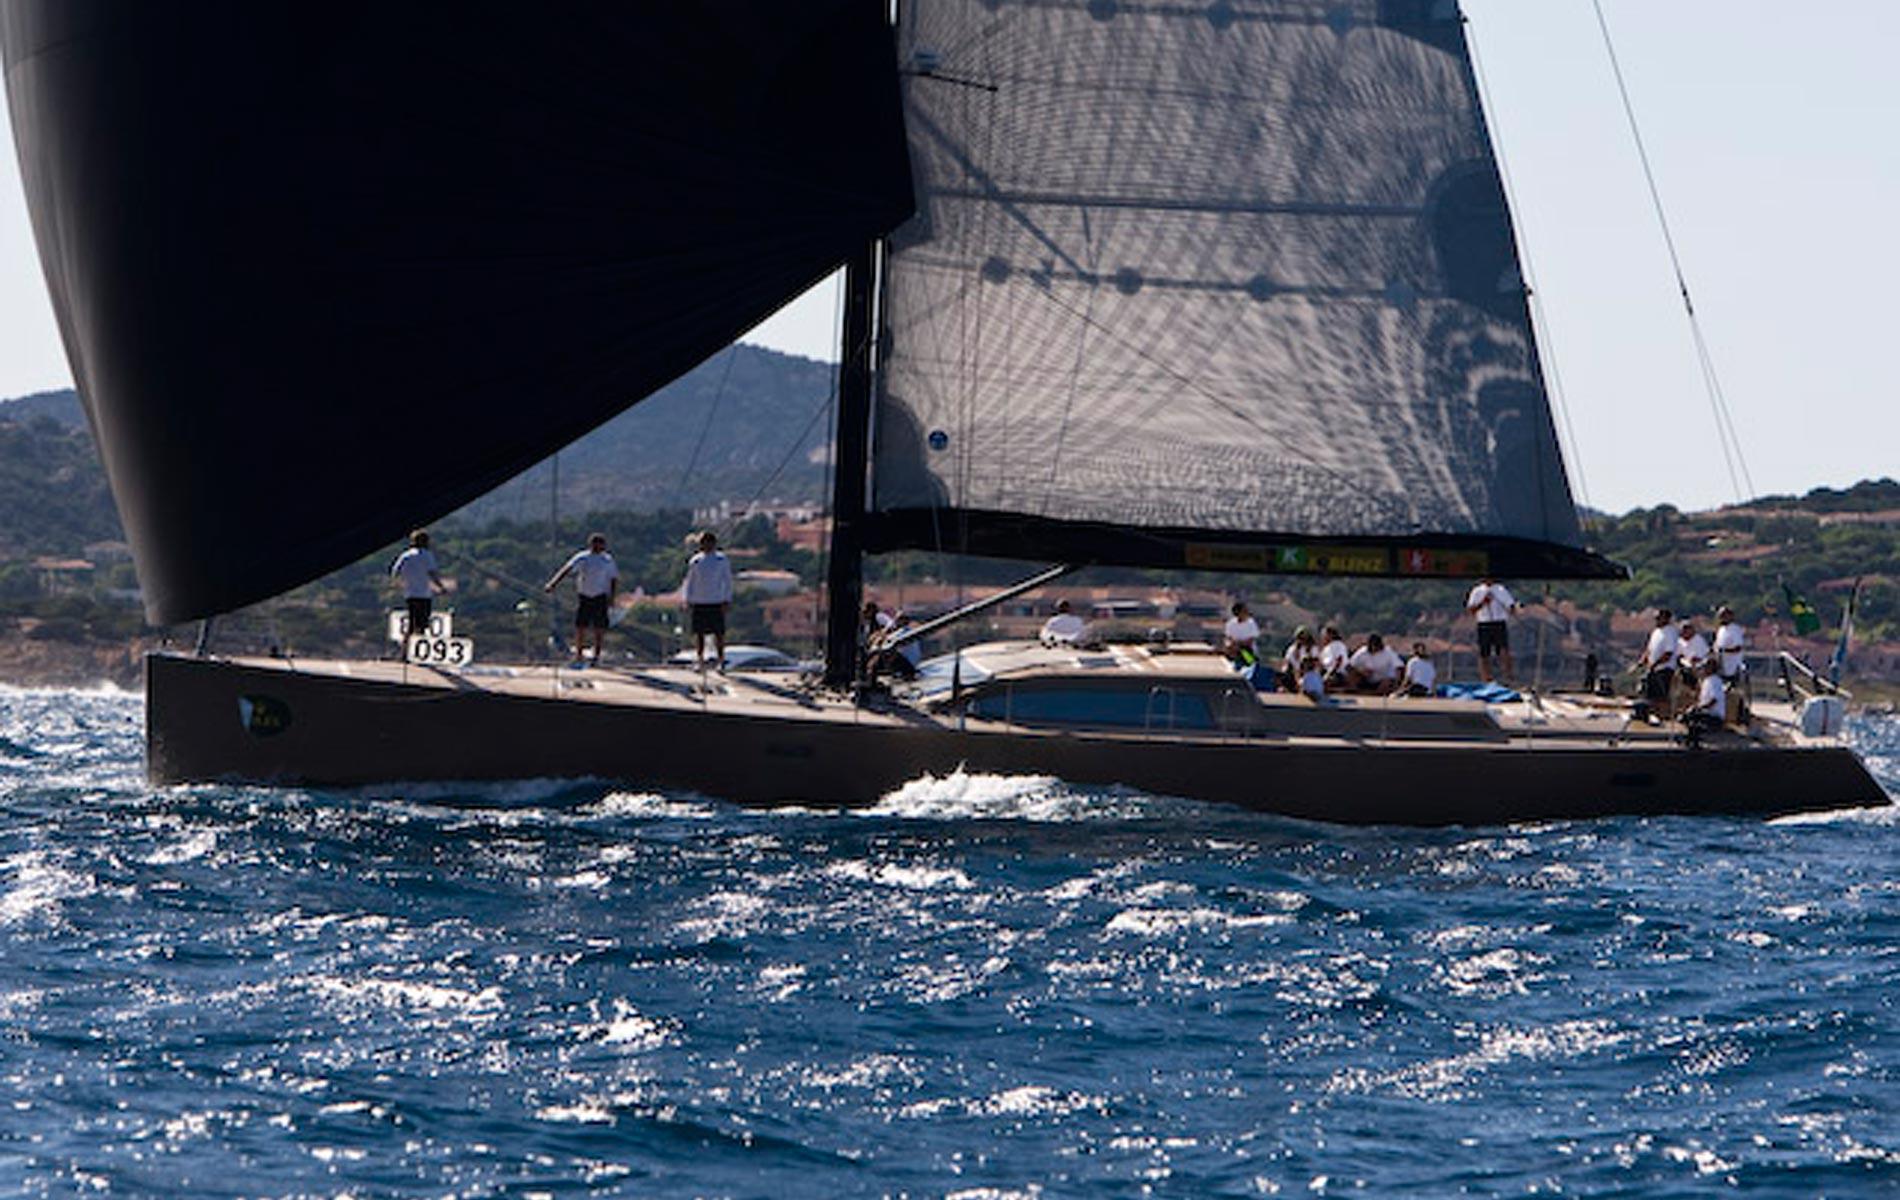 Felci 80 ikaika under sail